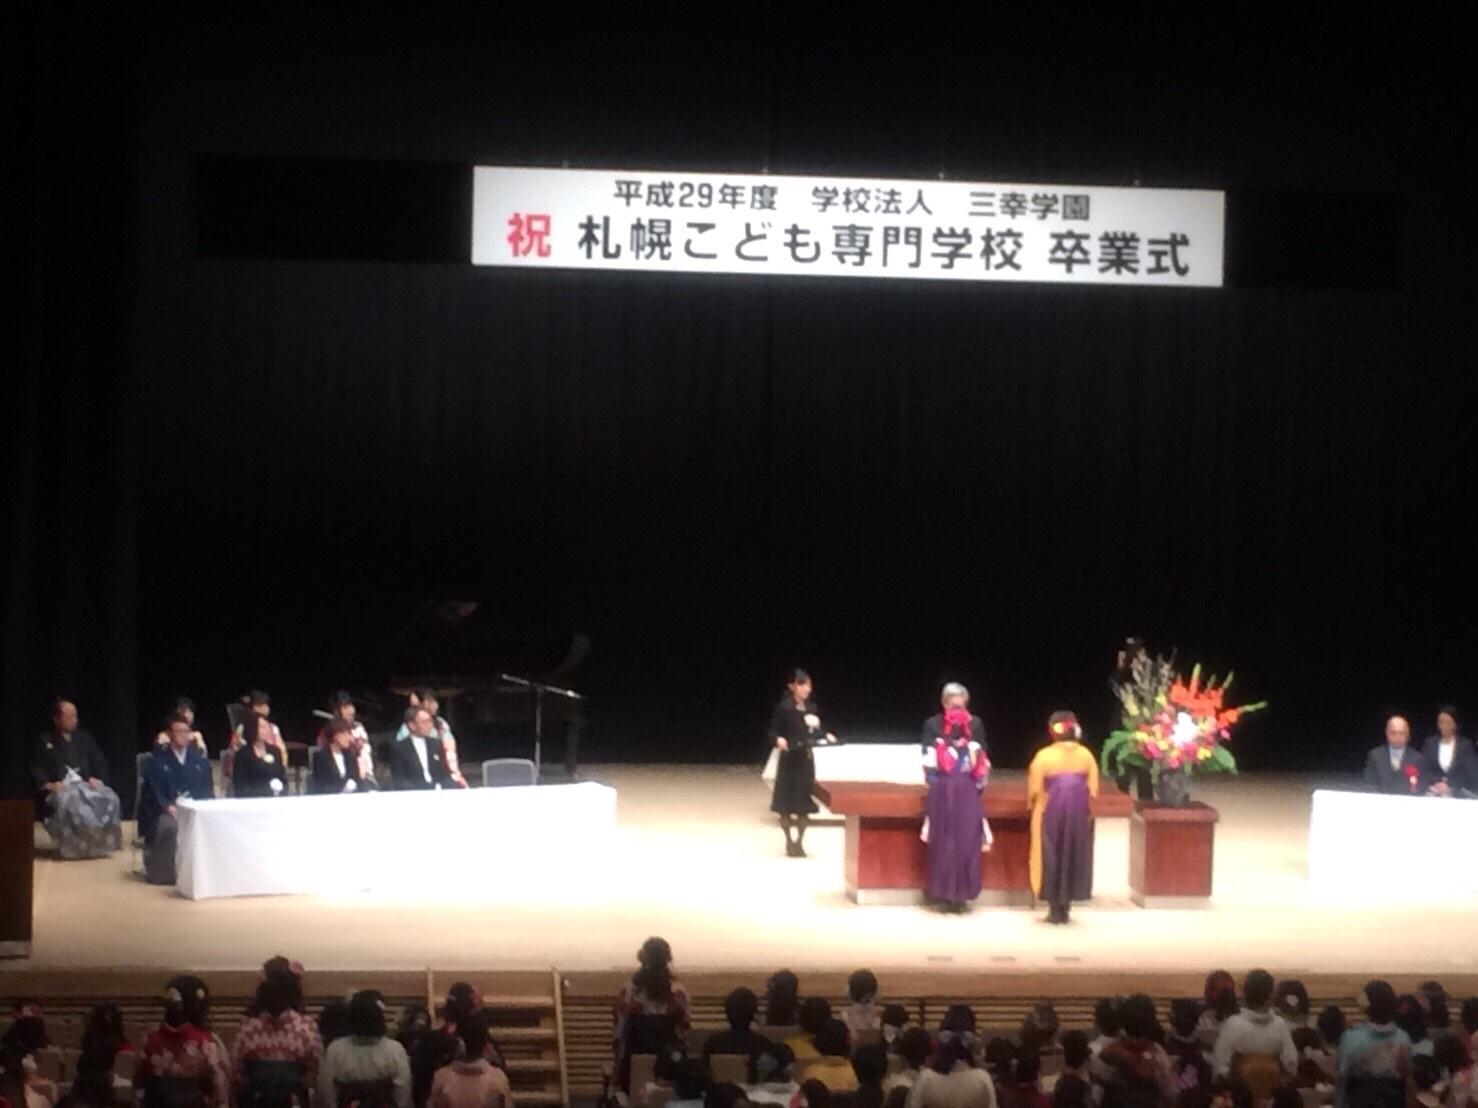 平成29年度 札幌こども専門学校卒業式